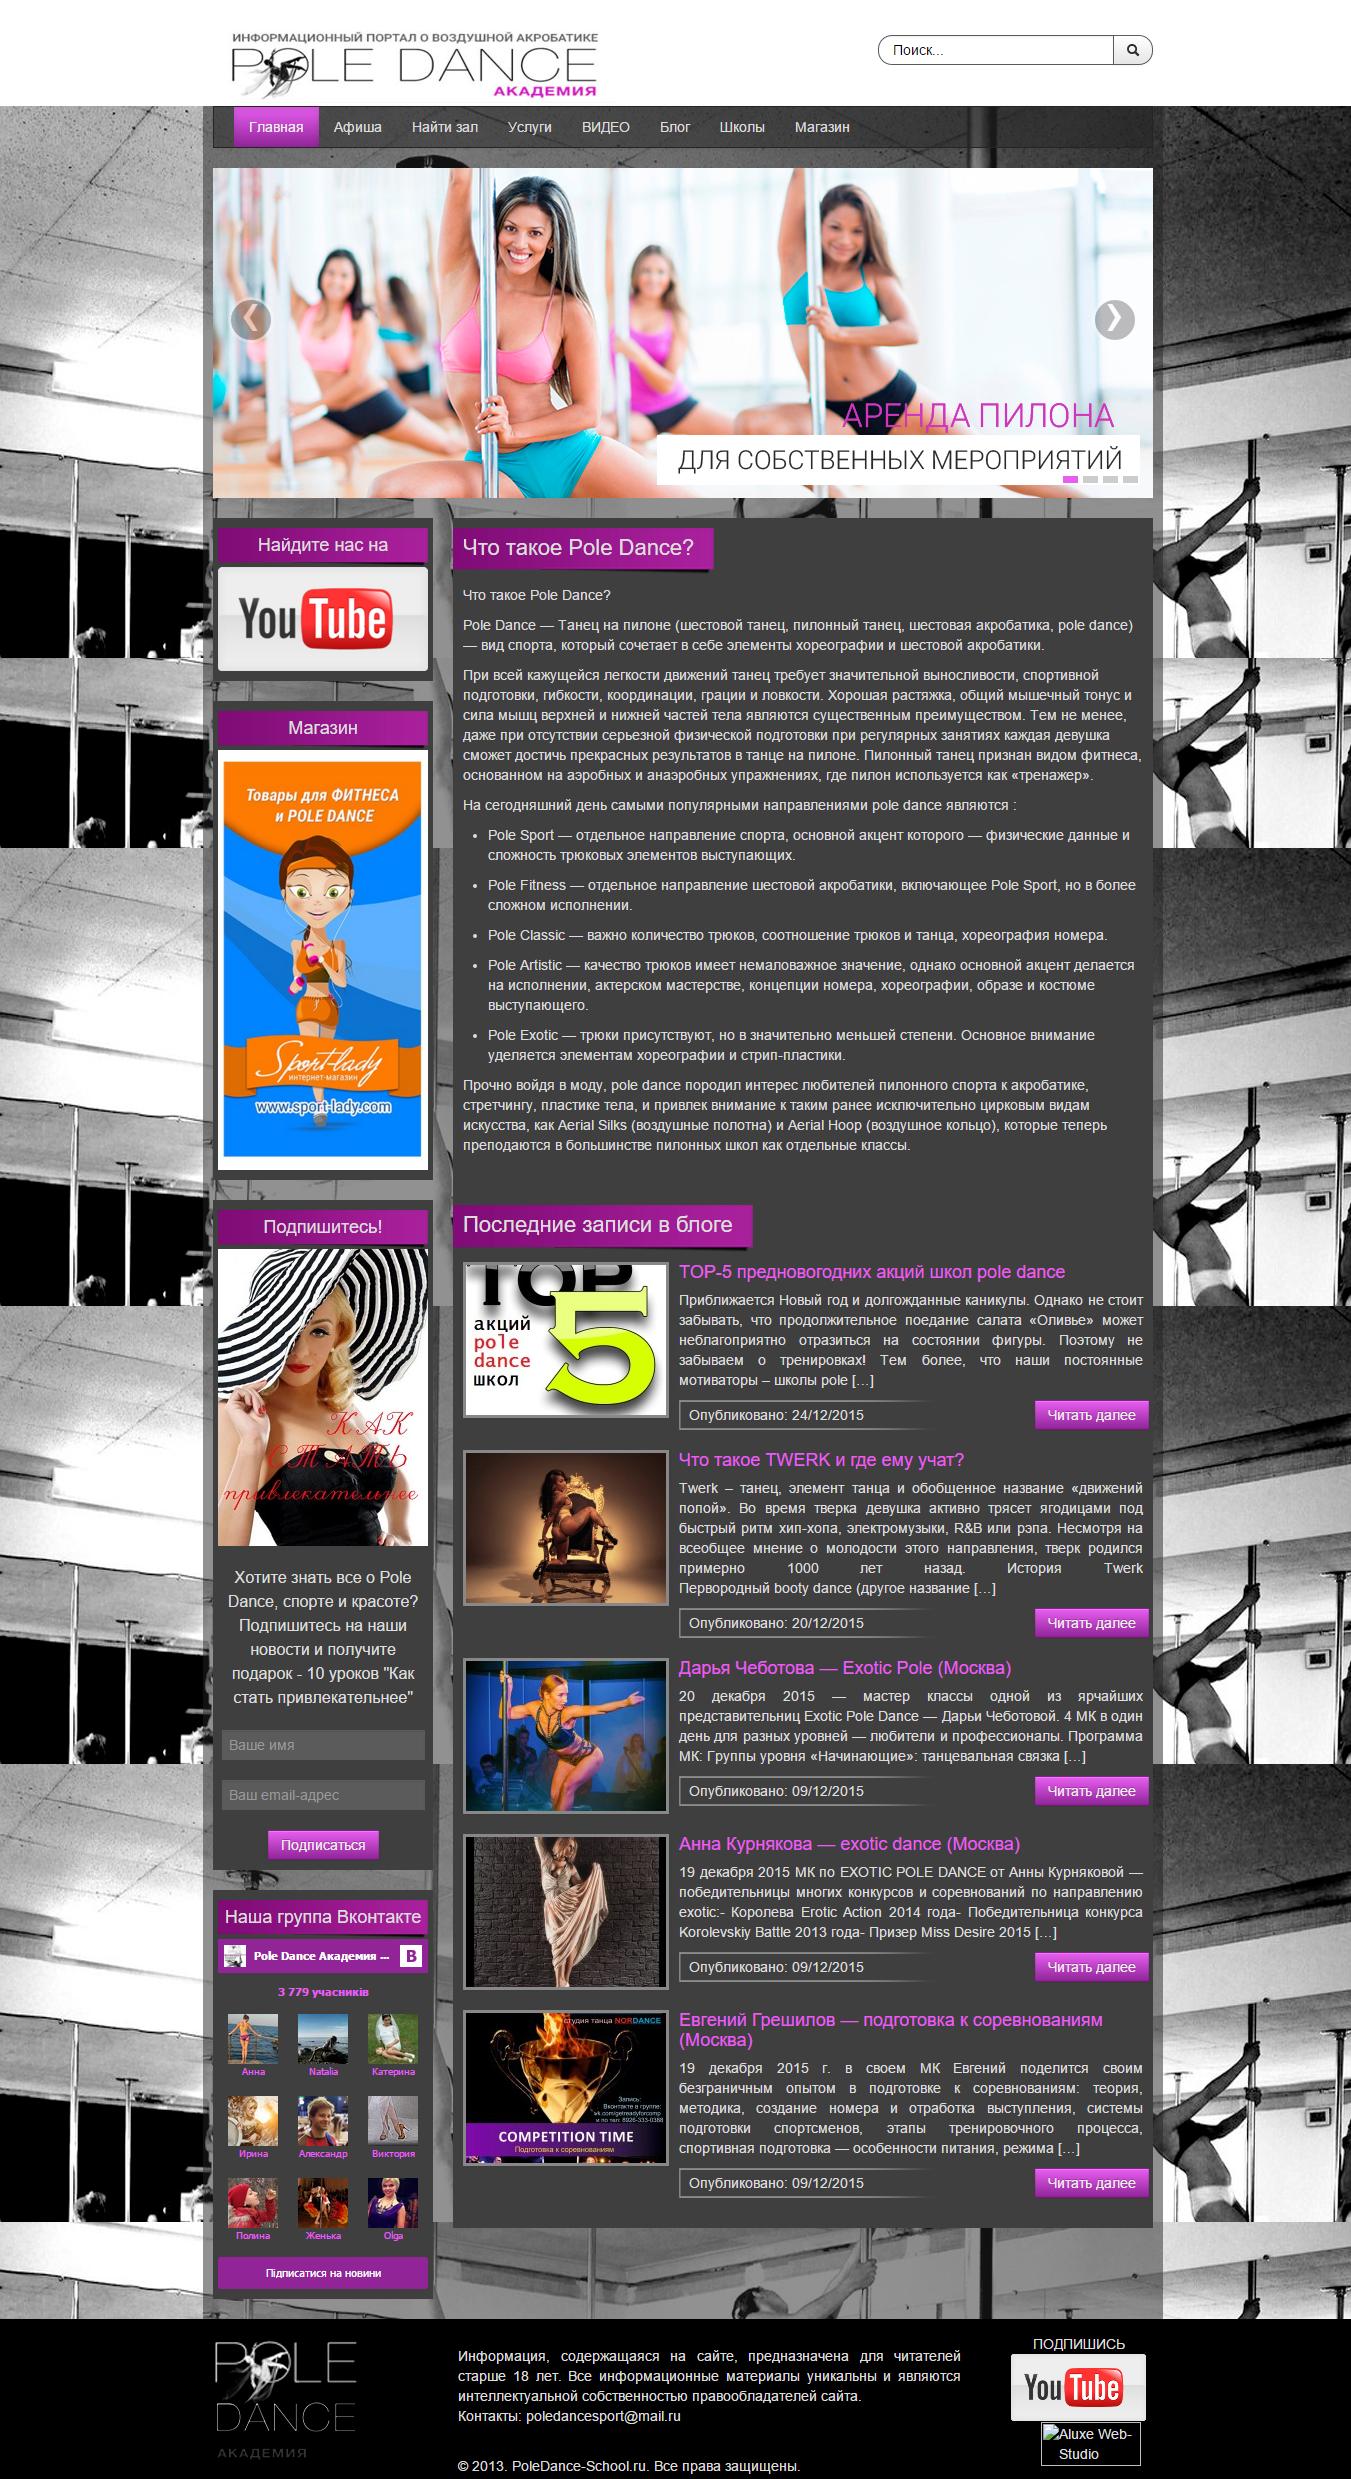 Информационный сайт о Pole Dance